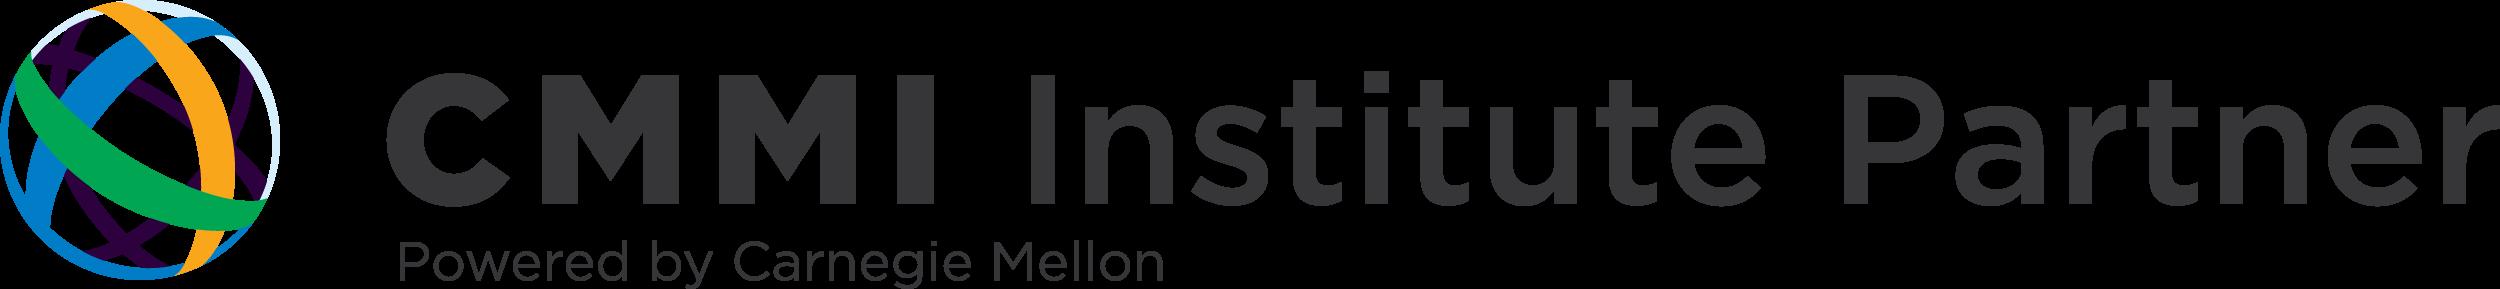 CMMI Institute Partner Logo